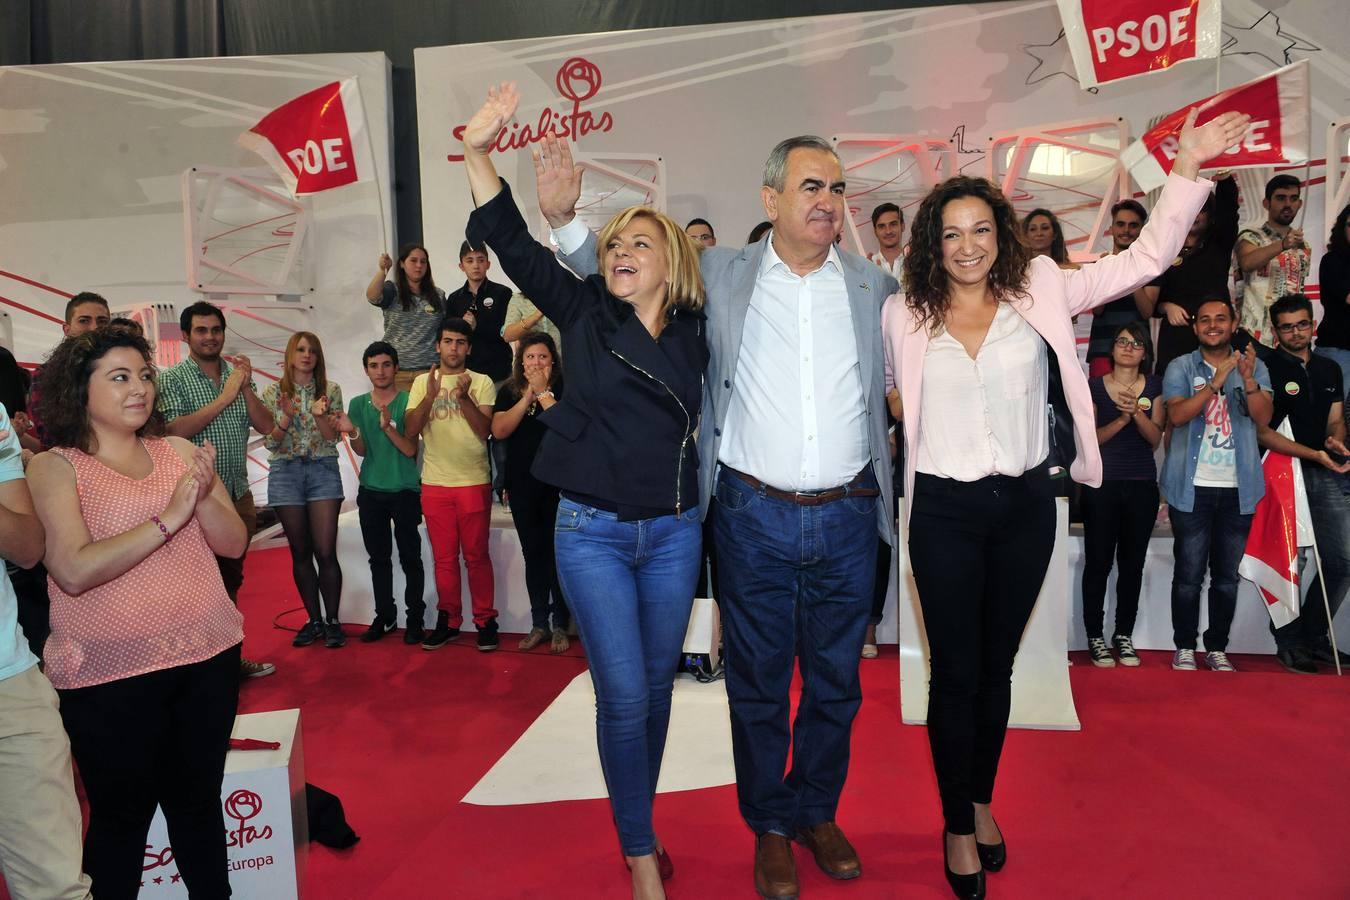 Valenciano protagoniza el mitin del PSOE en Murcia